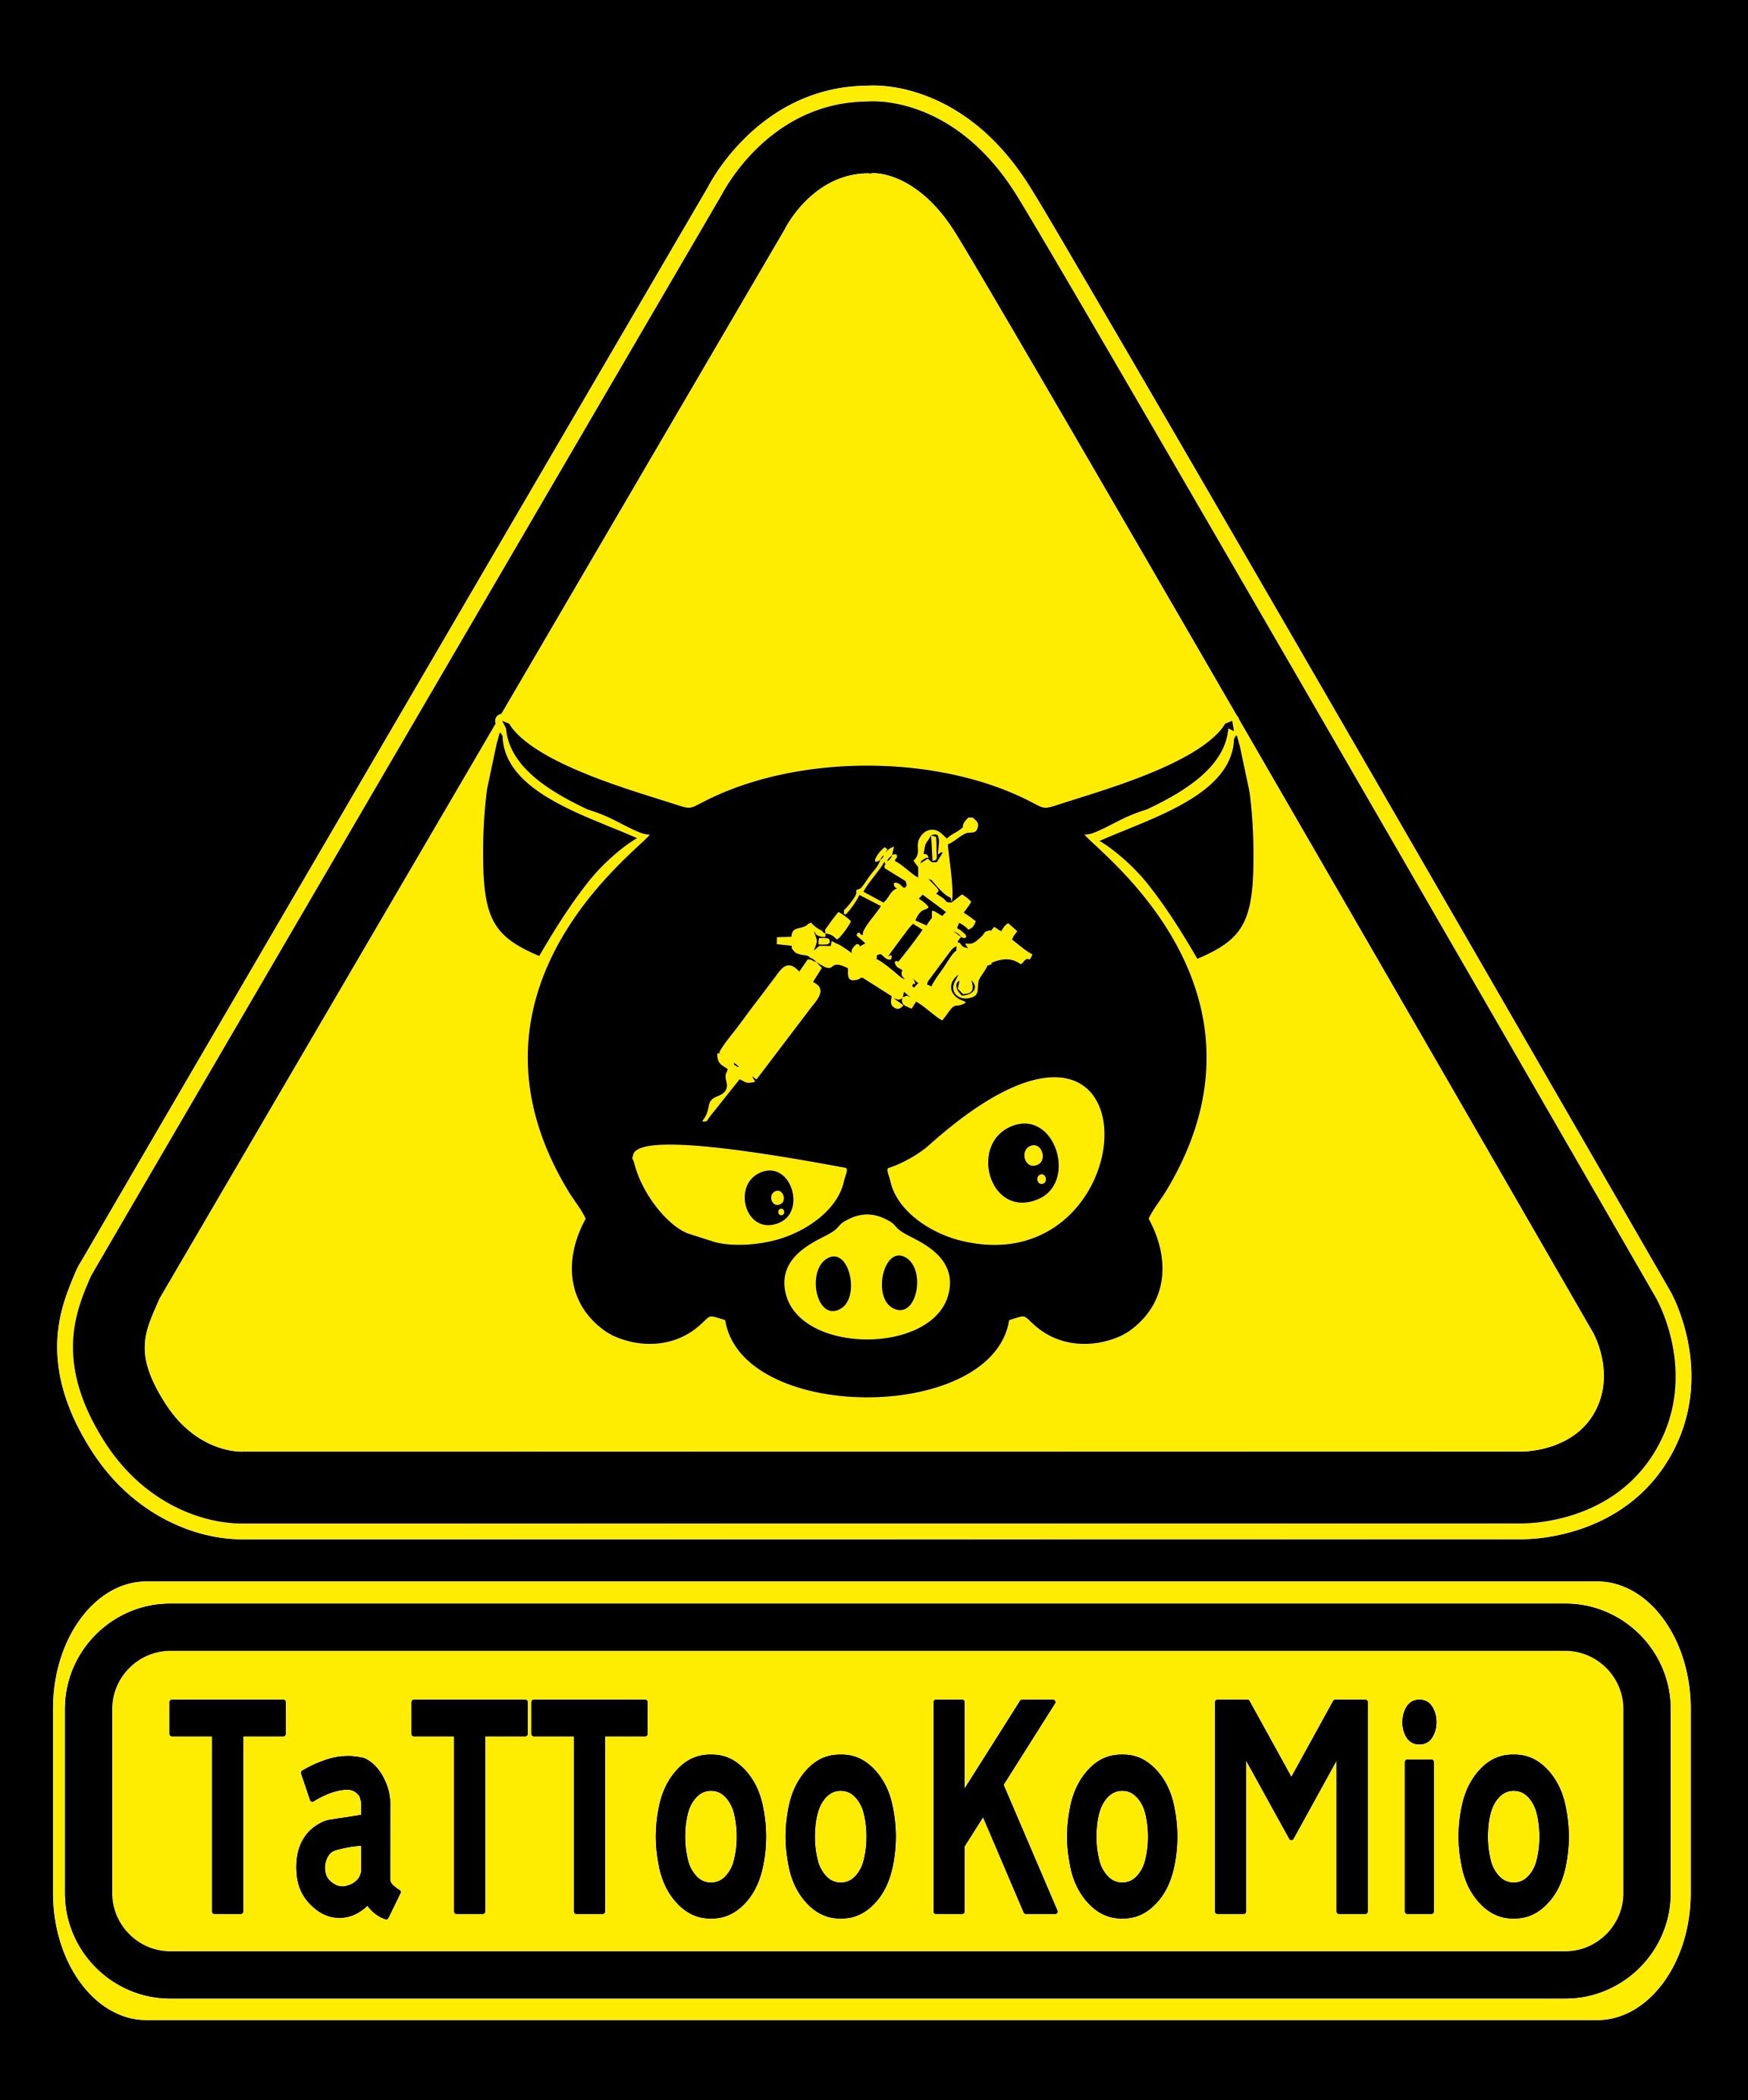 Tattookomio